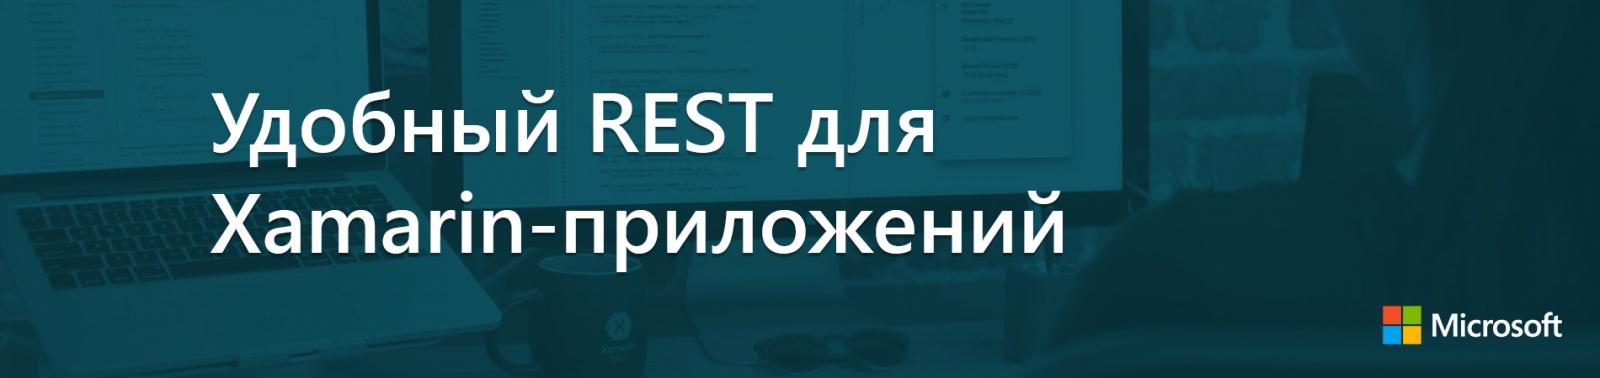 Удобный REST для Xamarin-приложений - 1